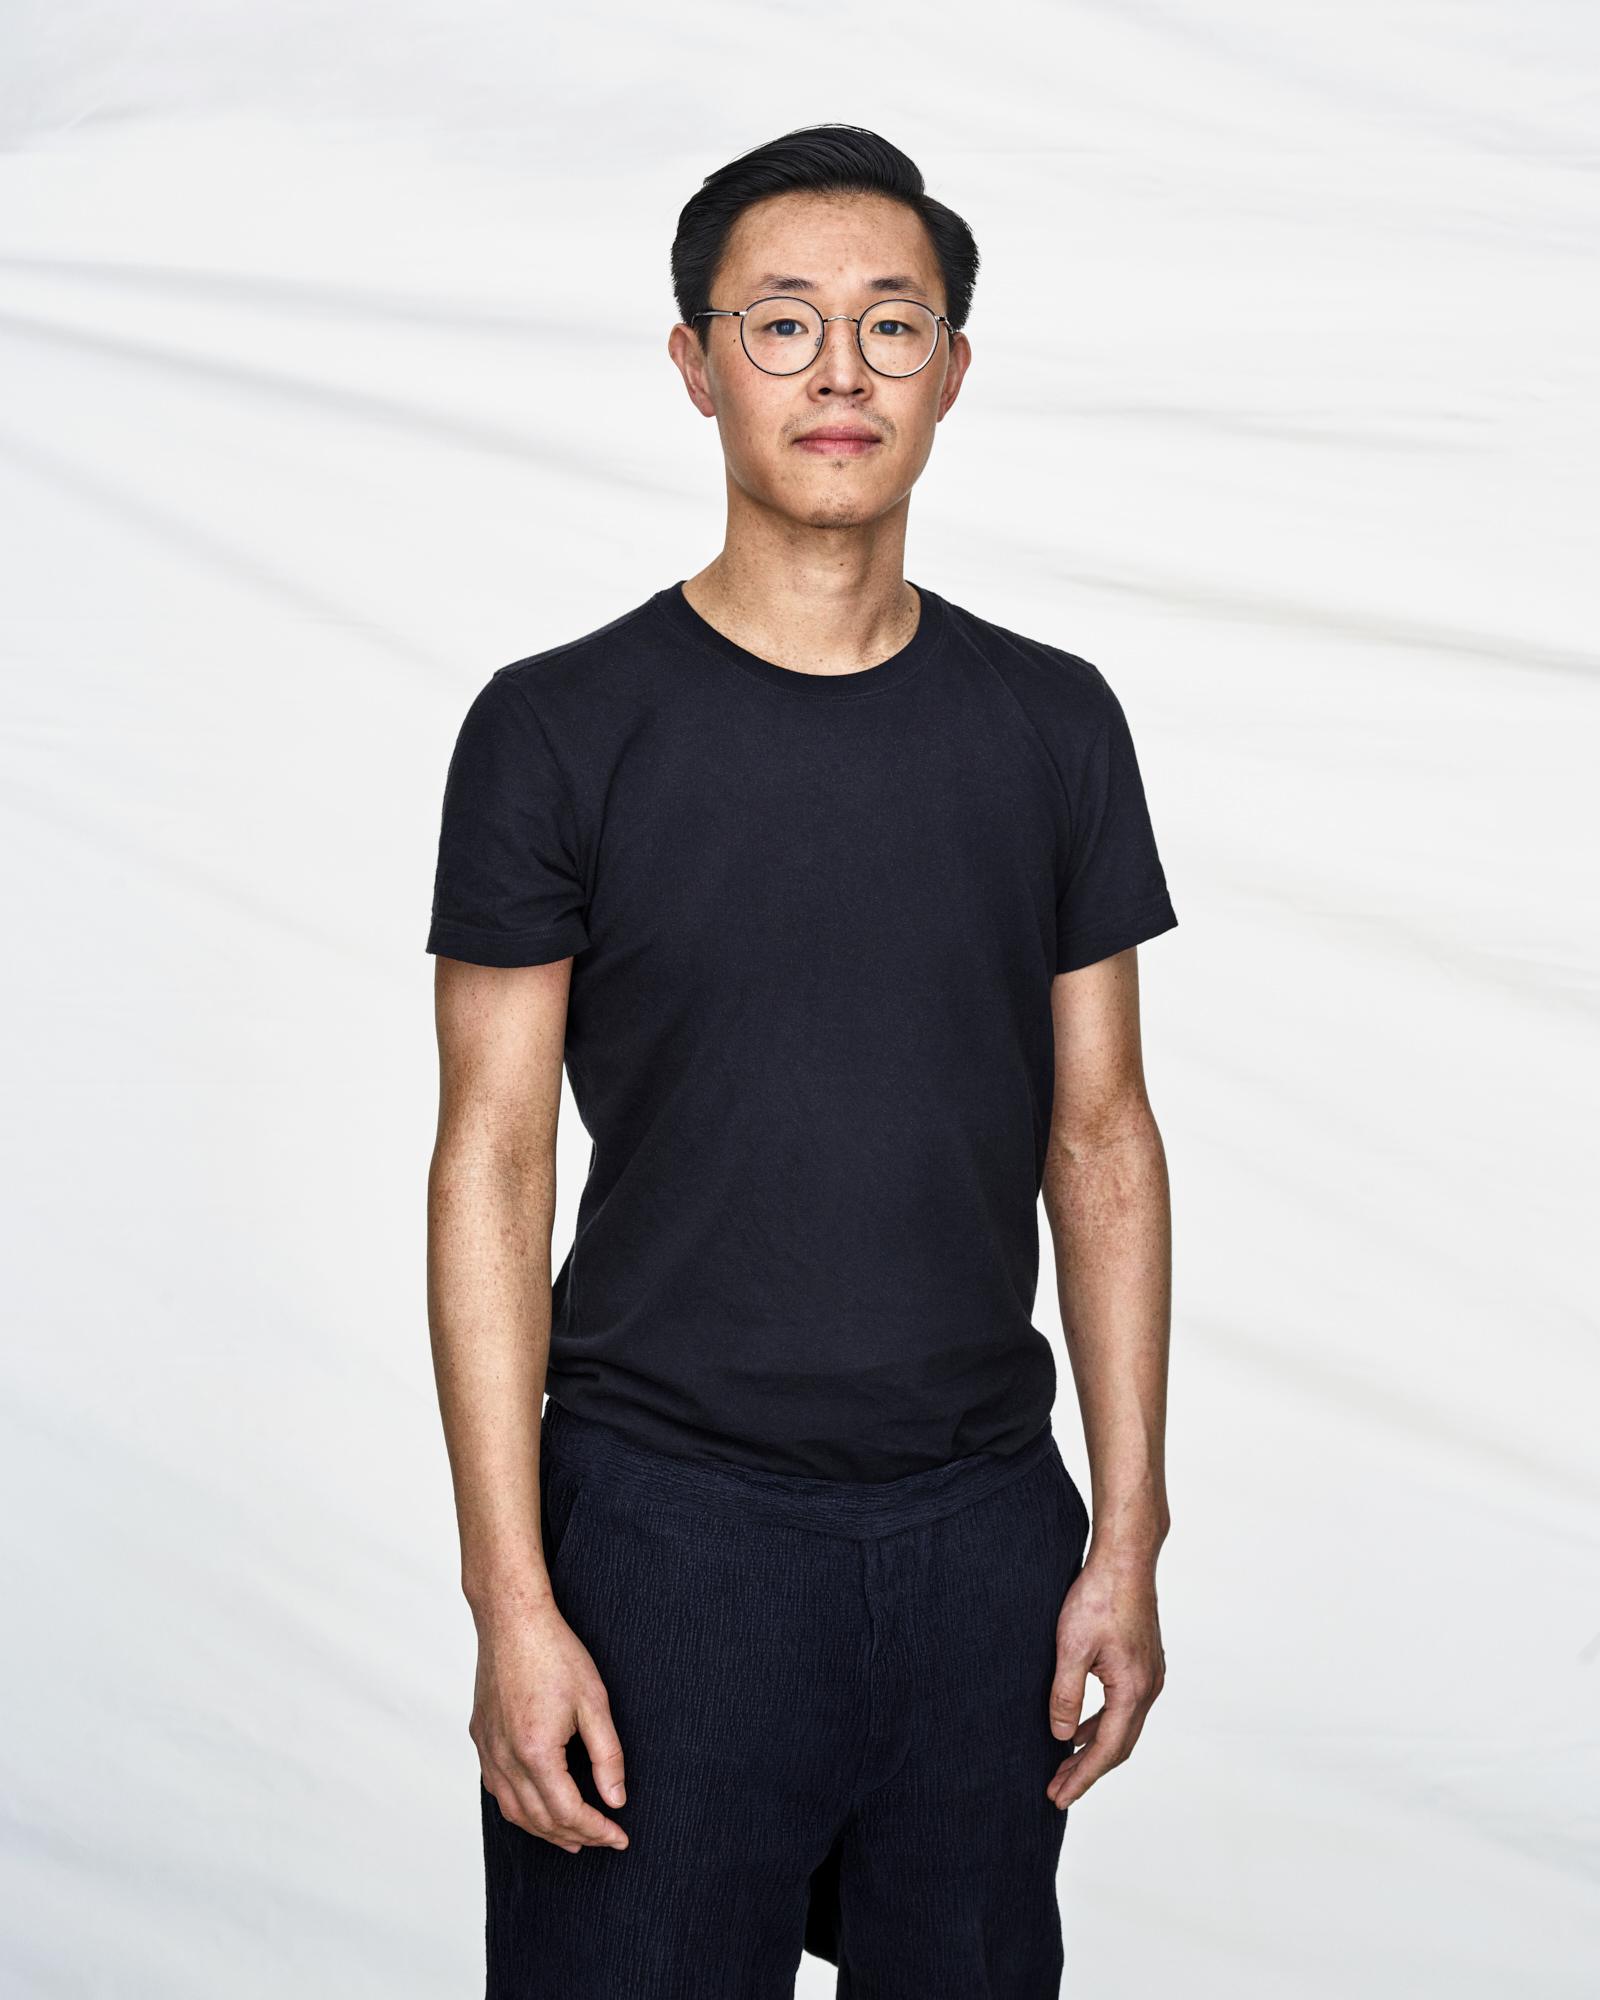 Simon Uh Choll Lee